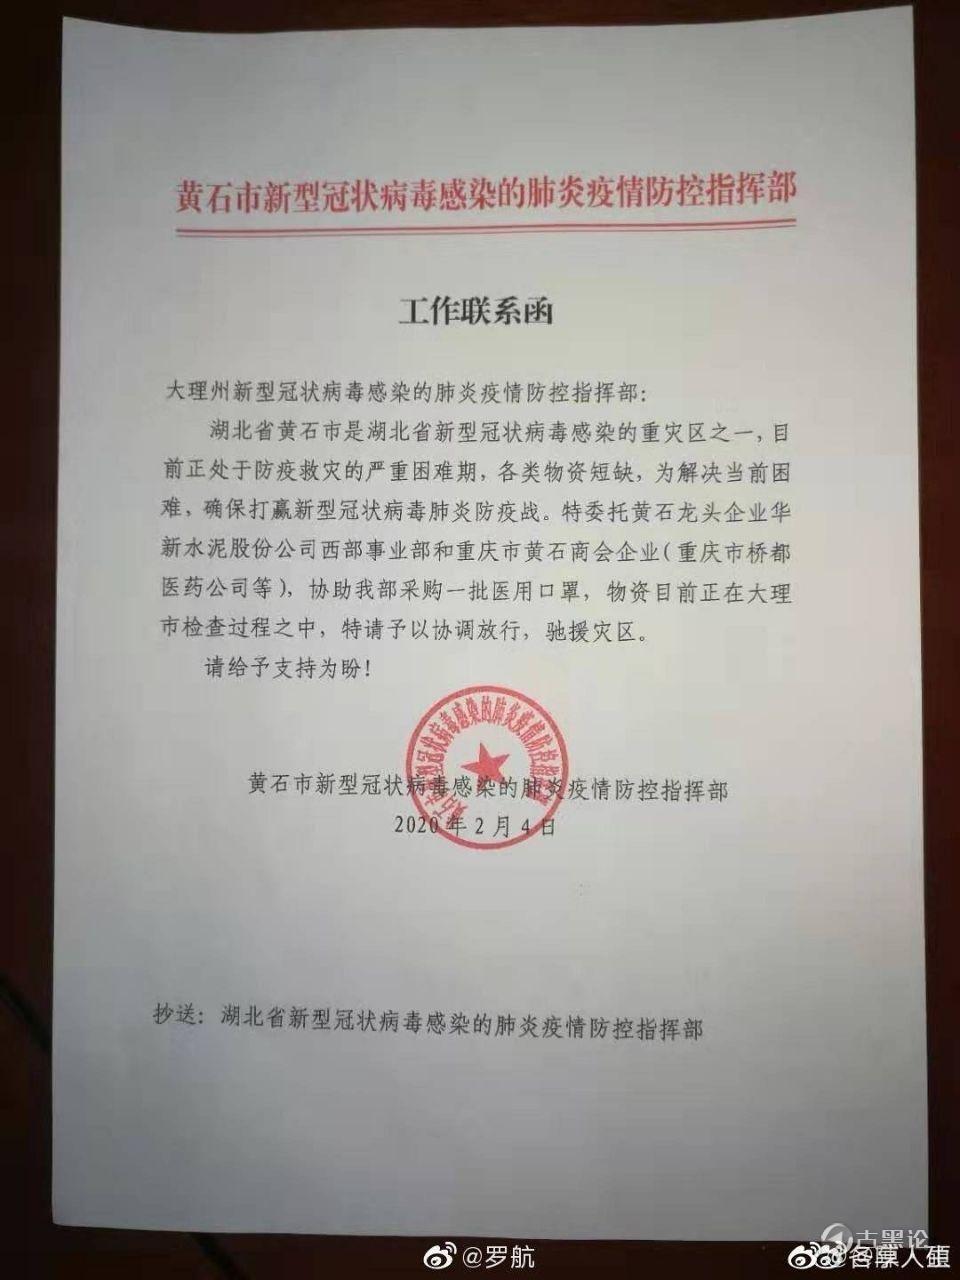 不是只有武汉上空有黑洞 photo_2020-02-06_01-38-13.jpg